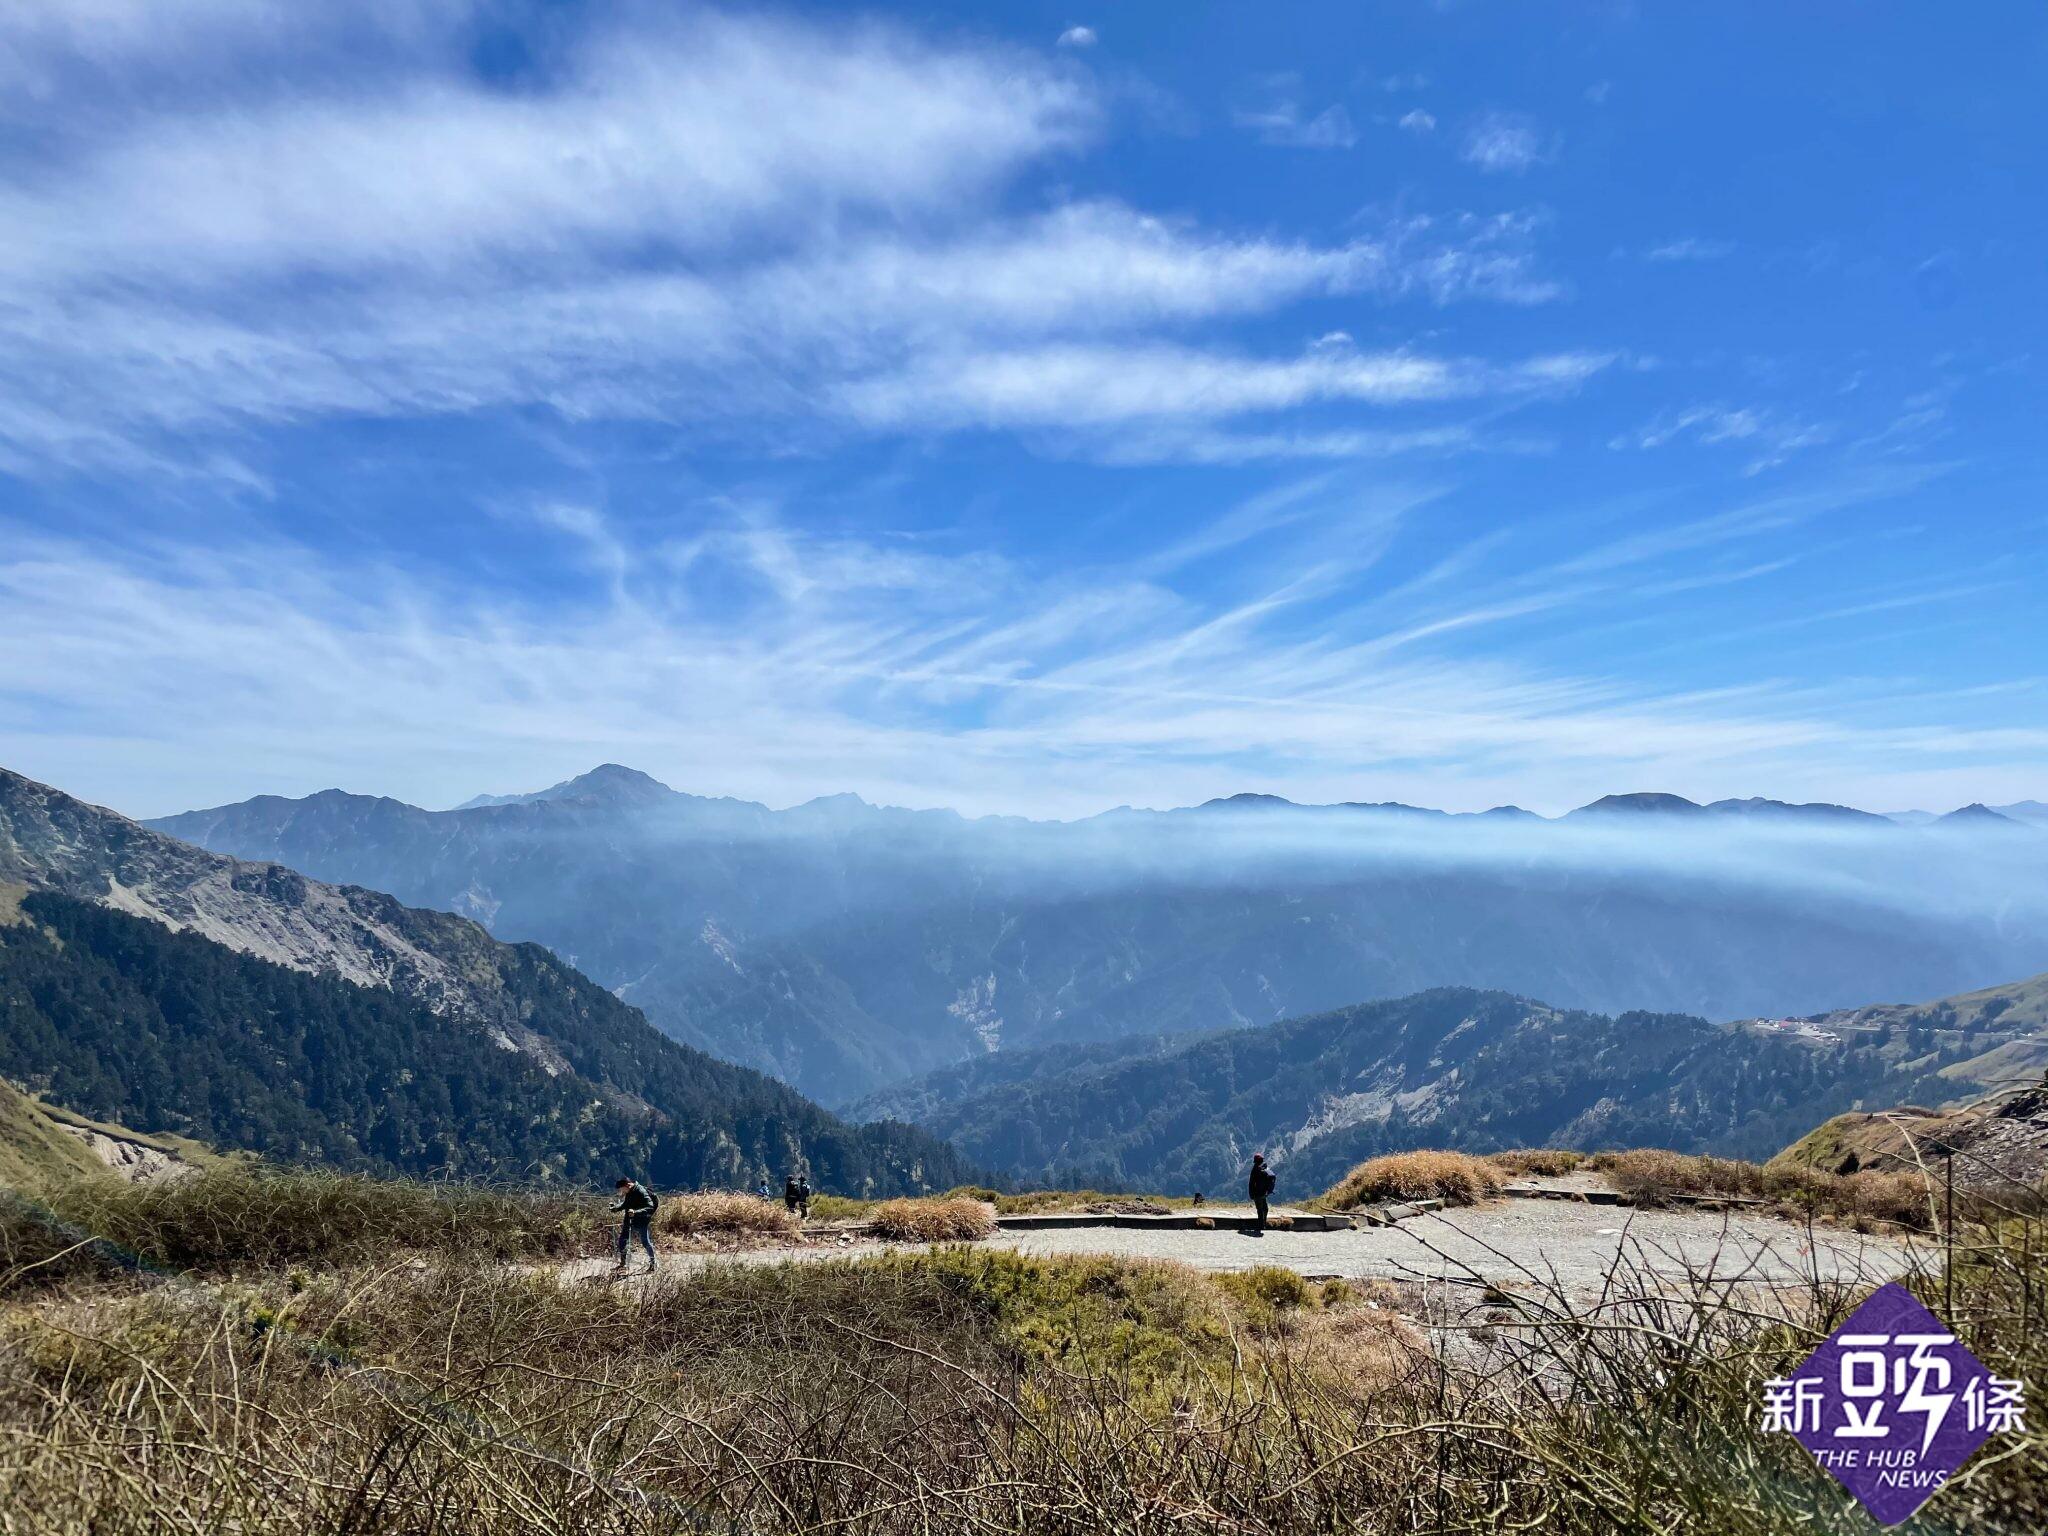 走.遊百岳紀錄(下) 一日四峰 合歡尖山、石門山、合歡主峰、東峰